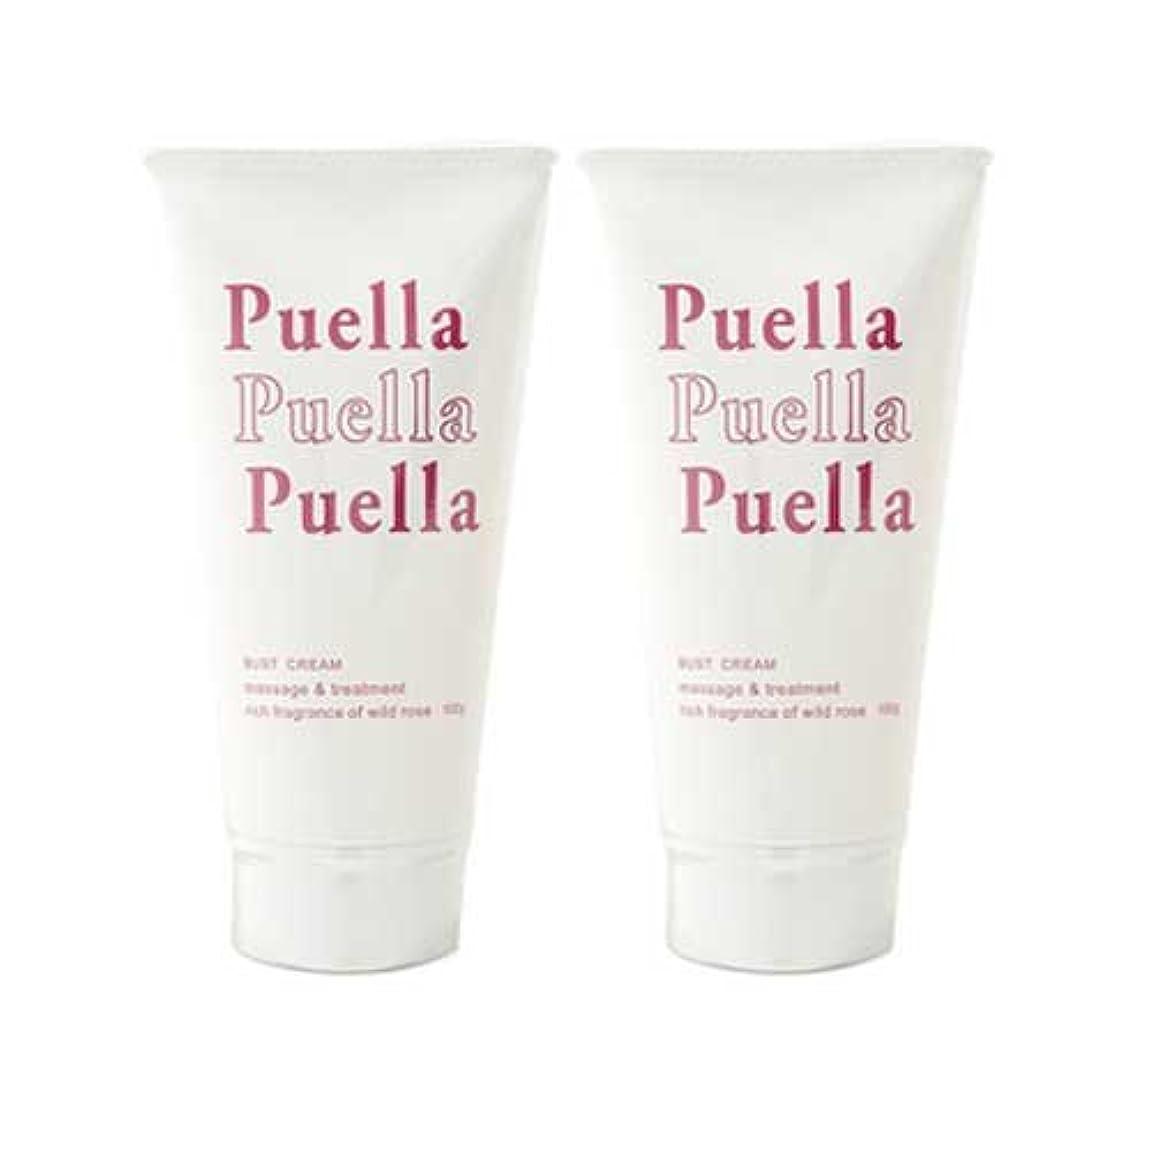 側面調和探偵2個セット puella(プエルラ)